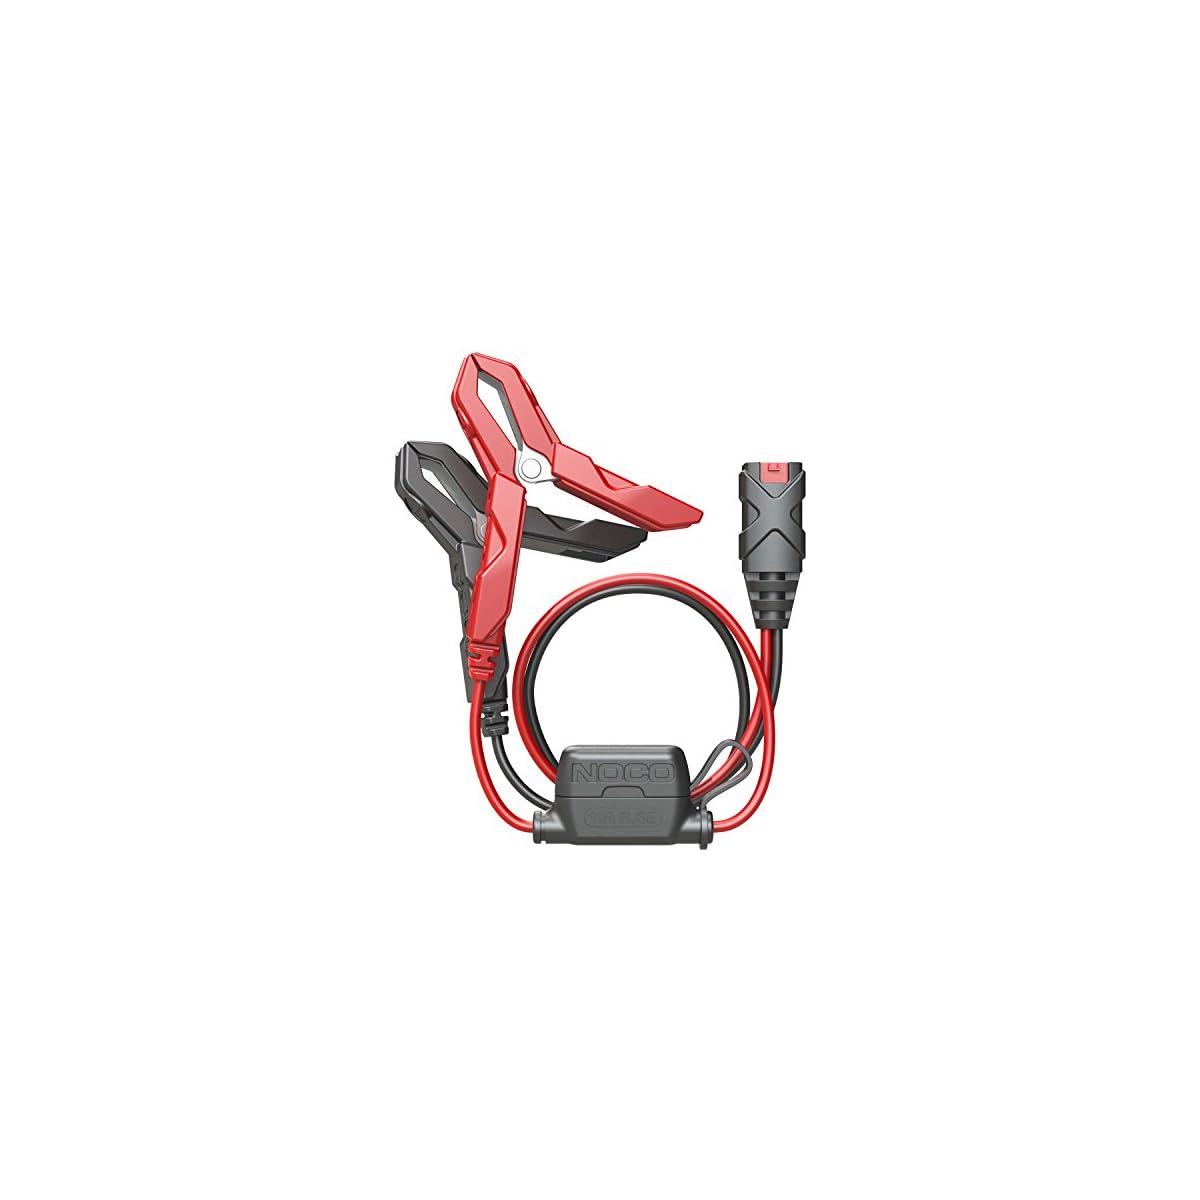 51q4n30NWcL. SS1200  - Noco GC001 Genius Conector de Cables de Arranque de la Batería